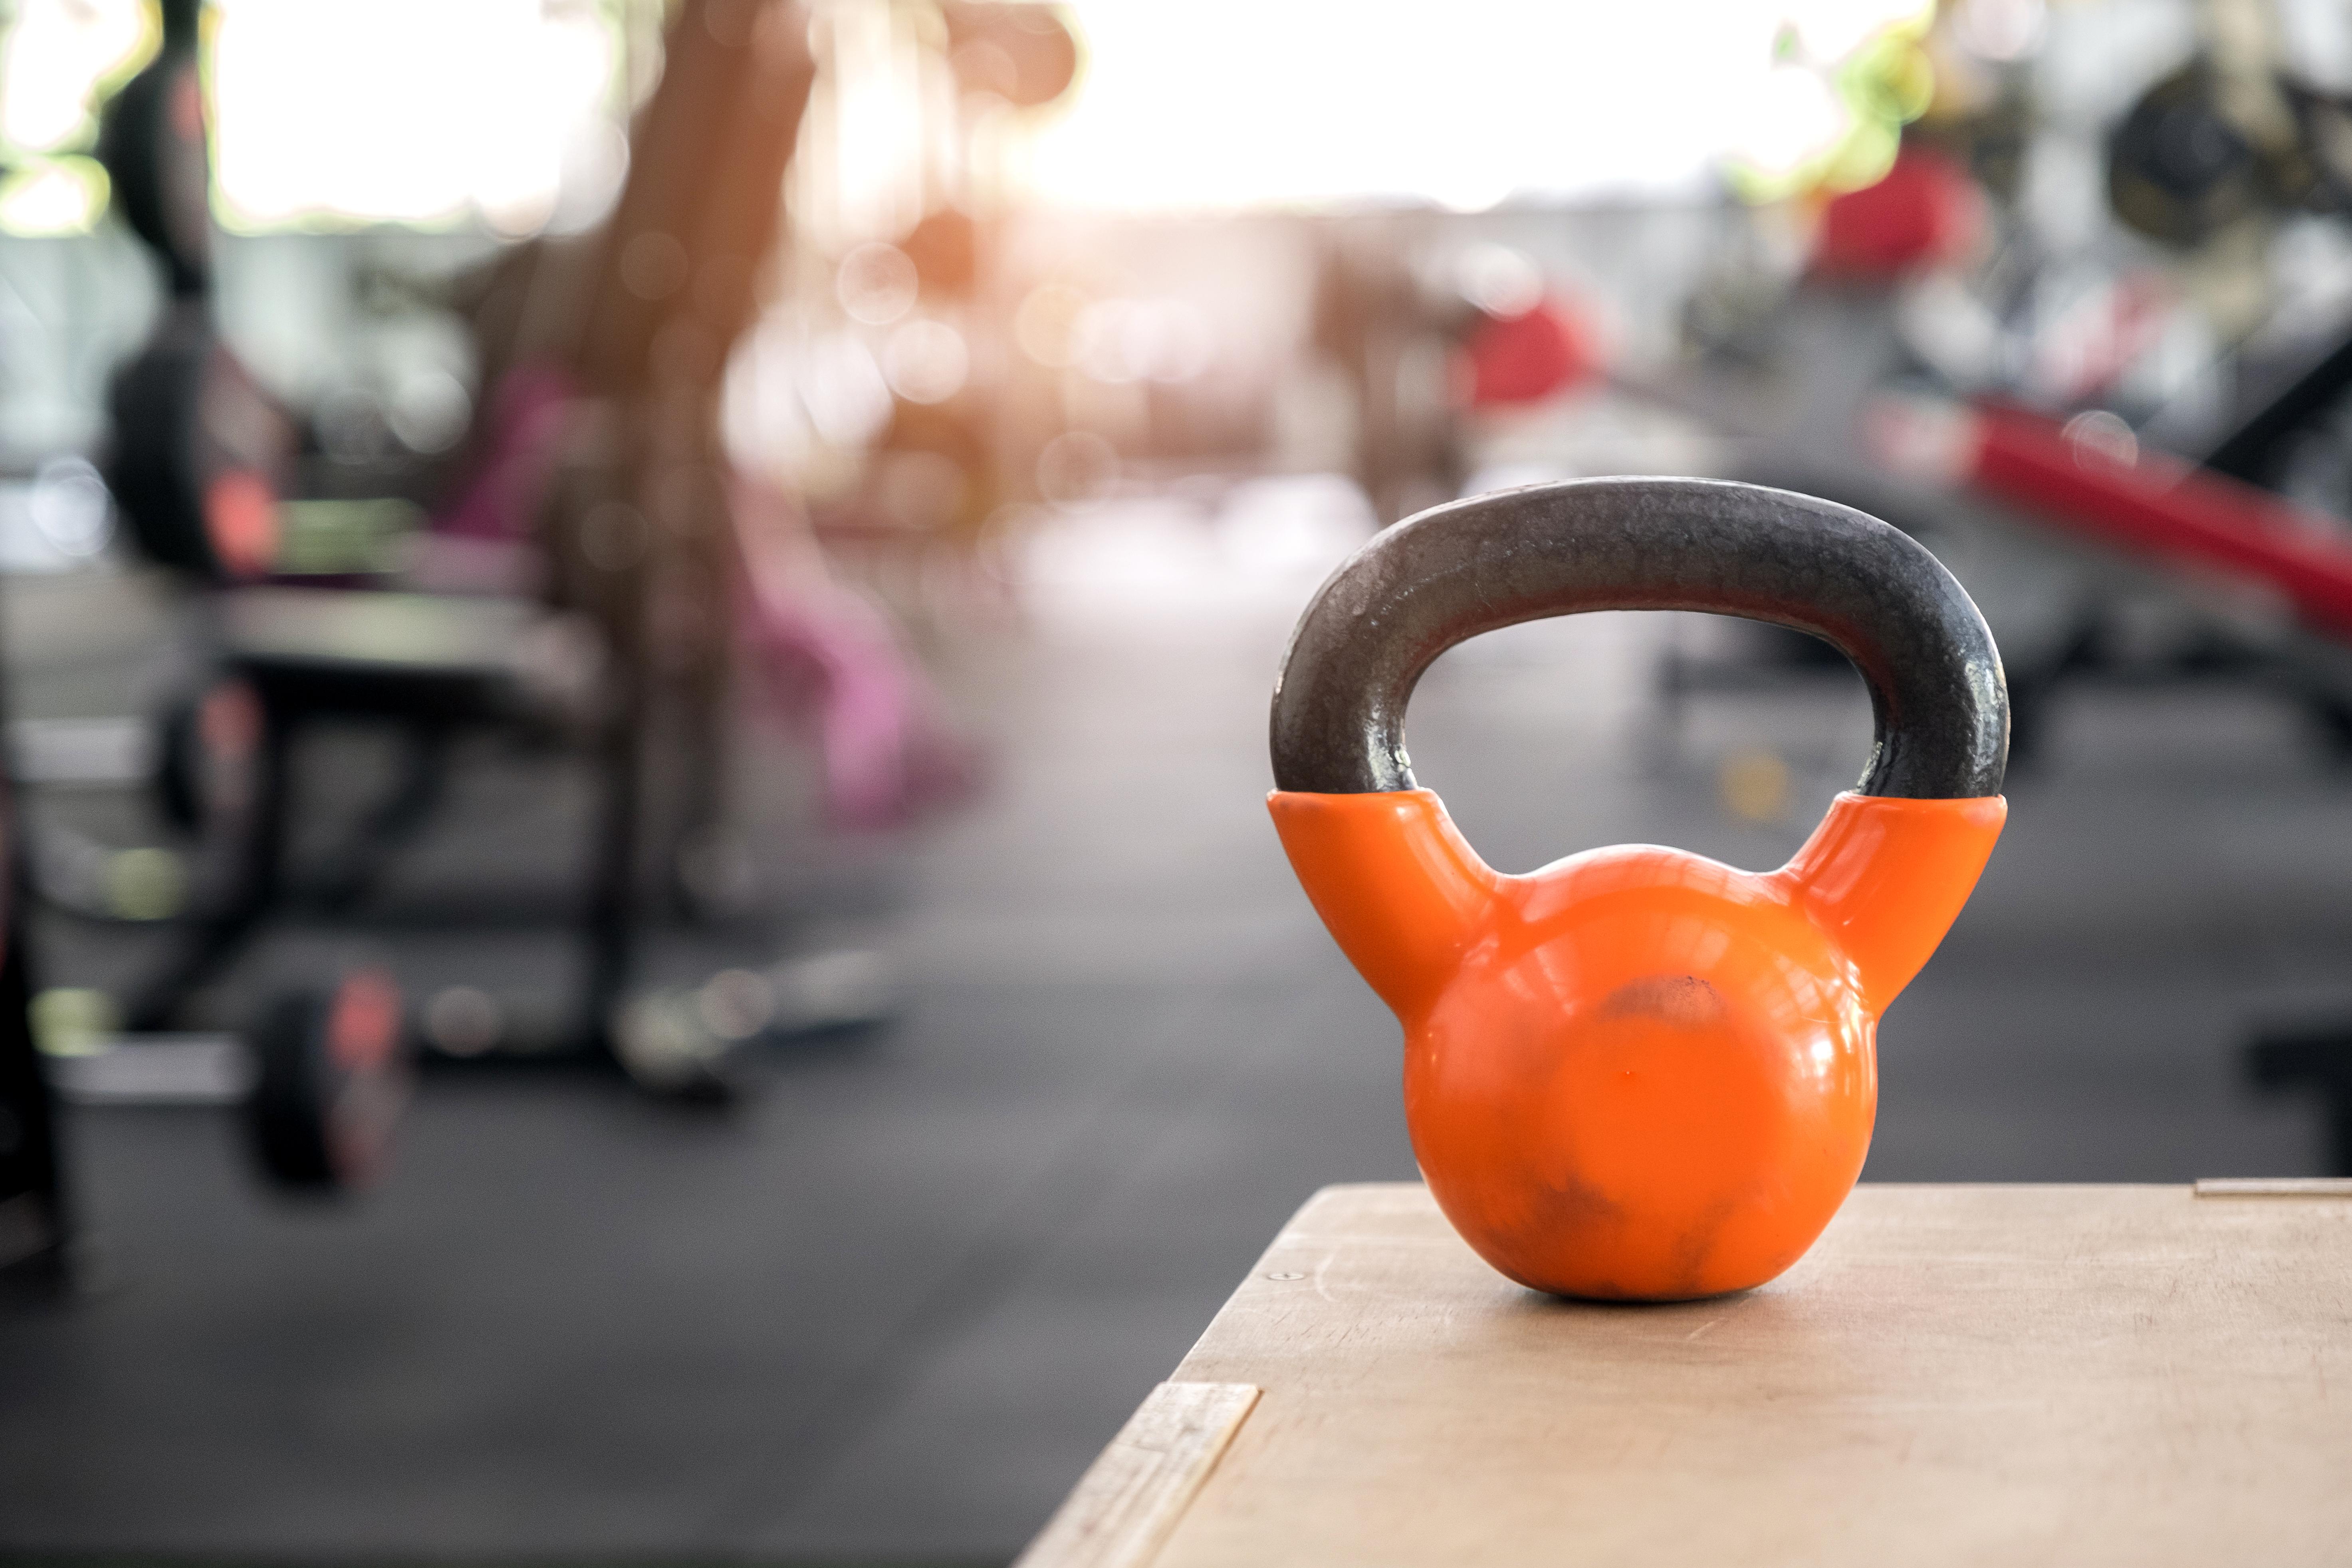 un vaso de zumo de naranja nos aporta vitamina c que favorece la absorcion de hierro